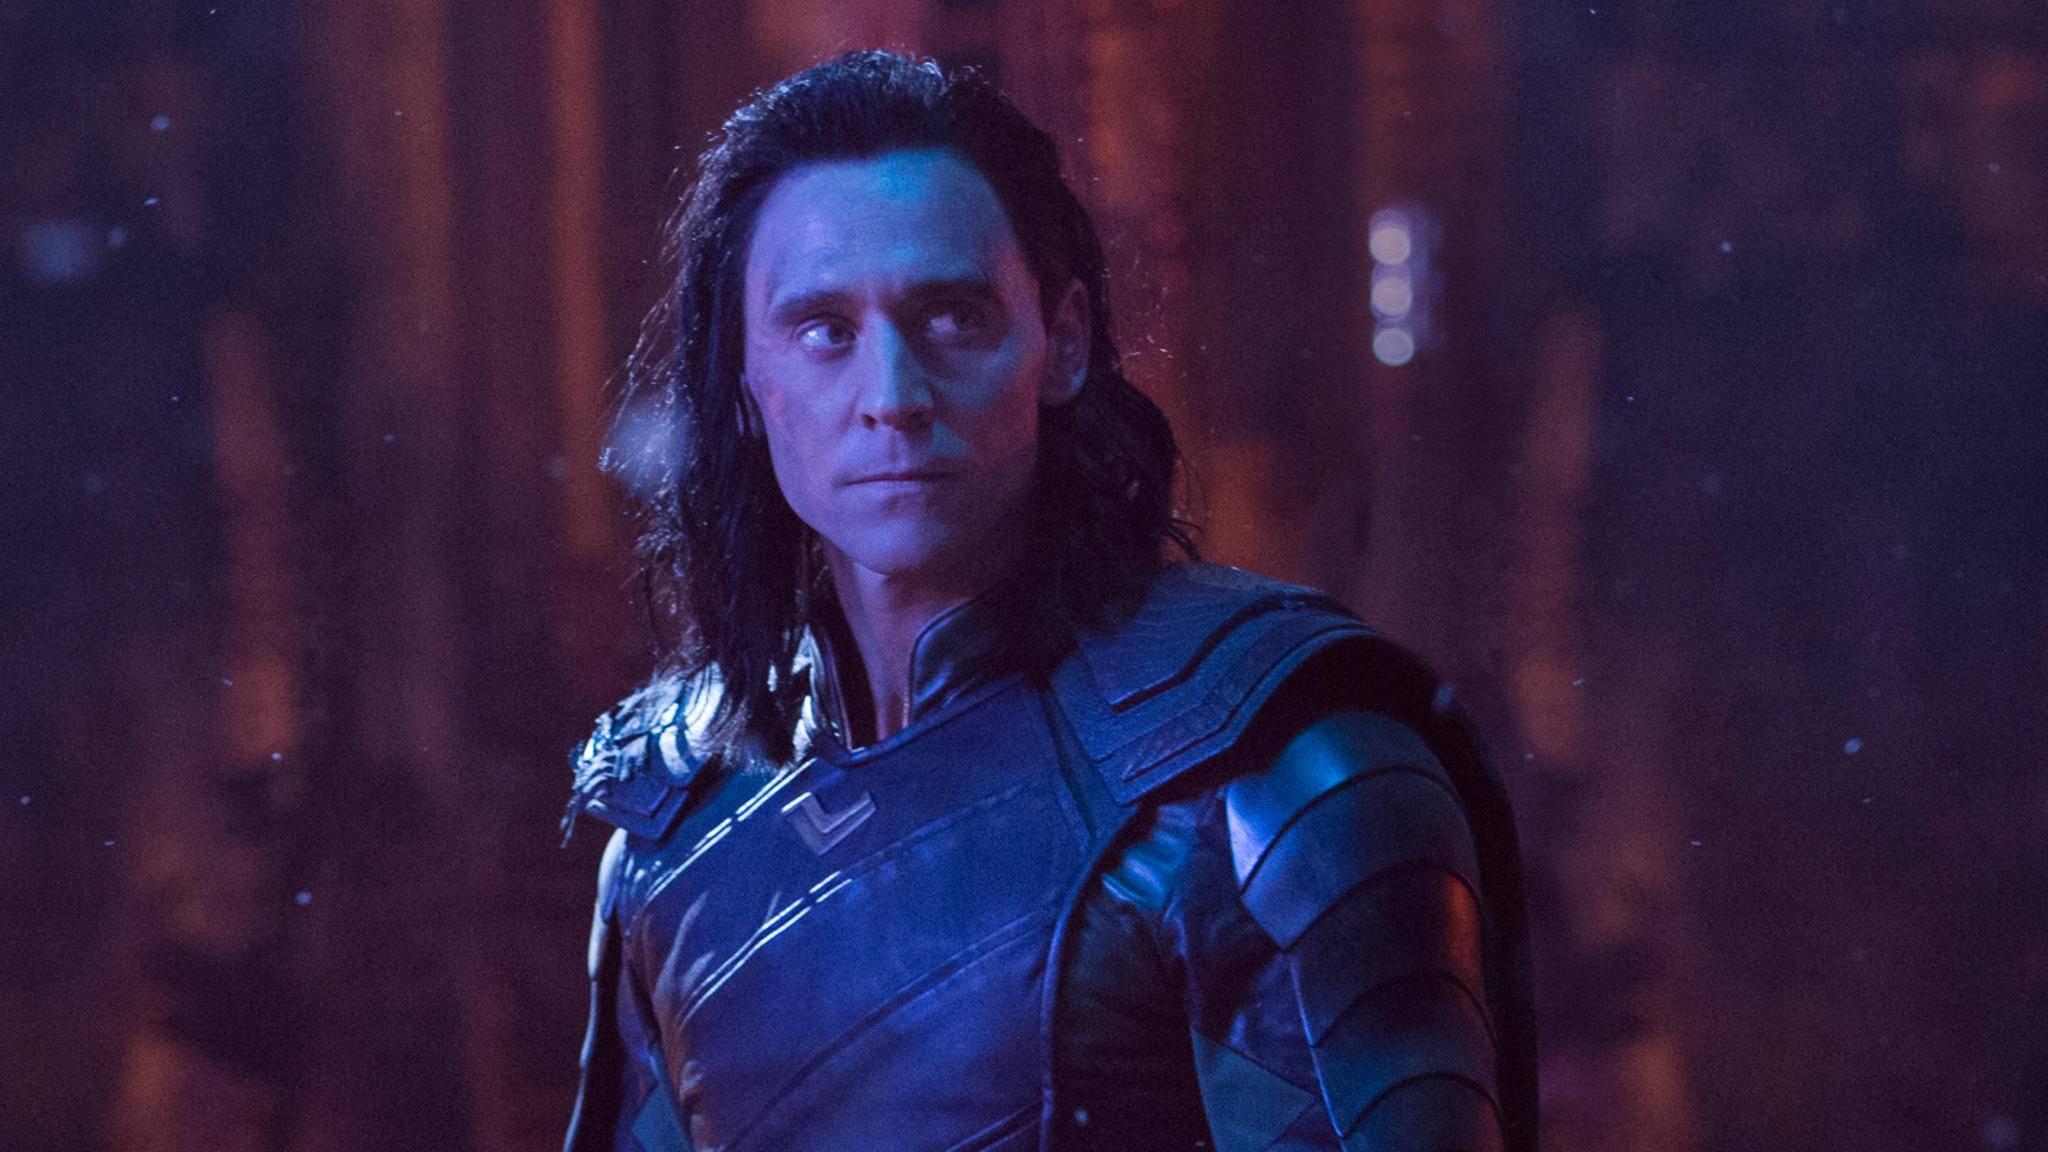 Sechs Folgen Loki pur! Das verspricht die kommende Miniserie auf Disney+.